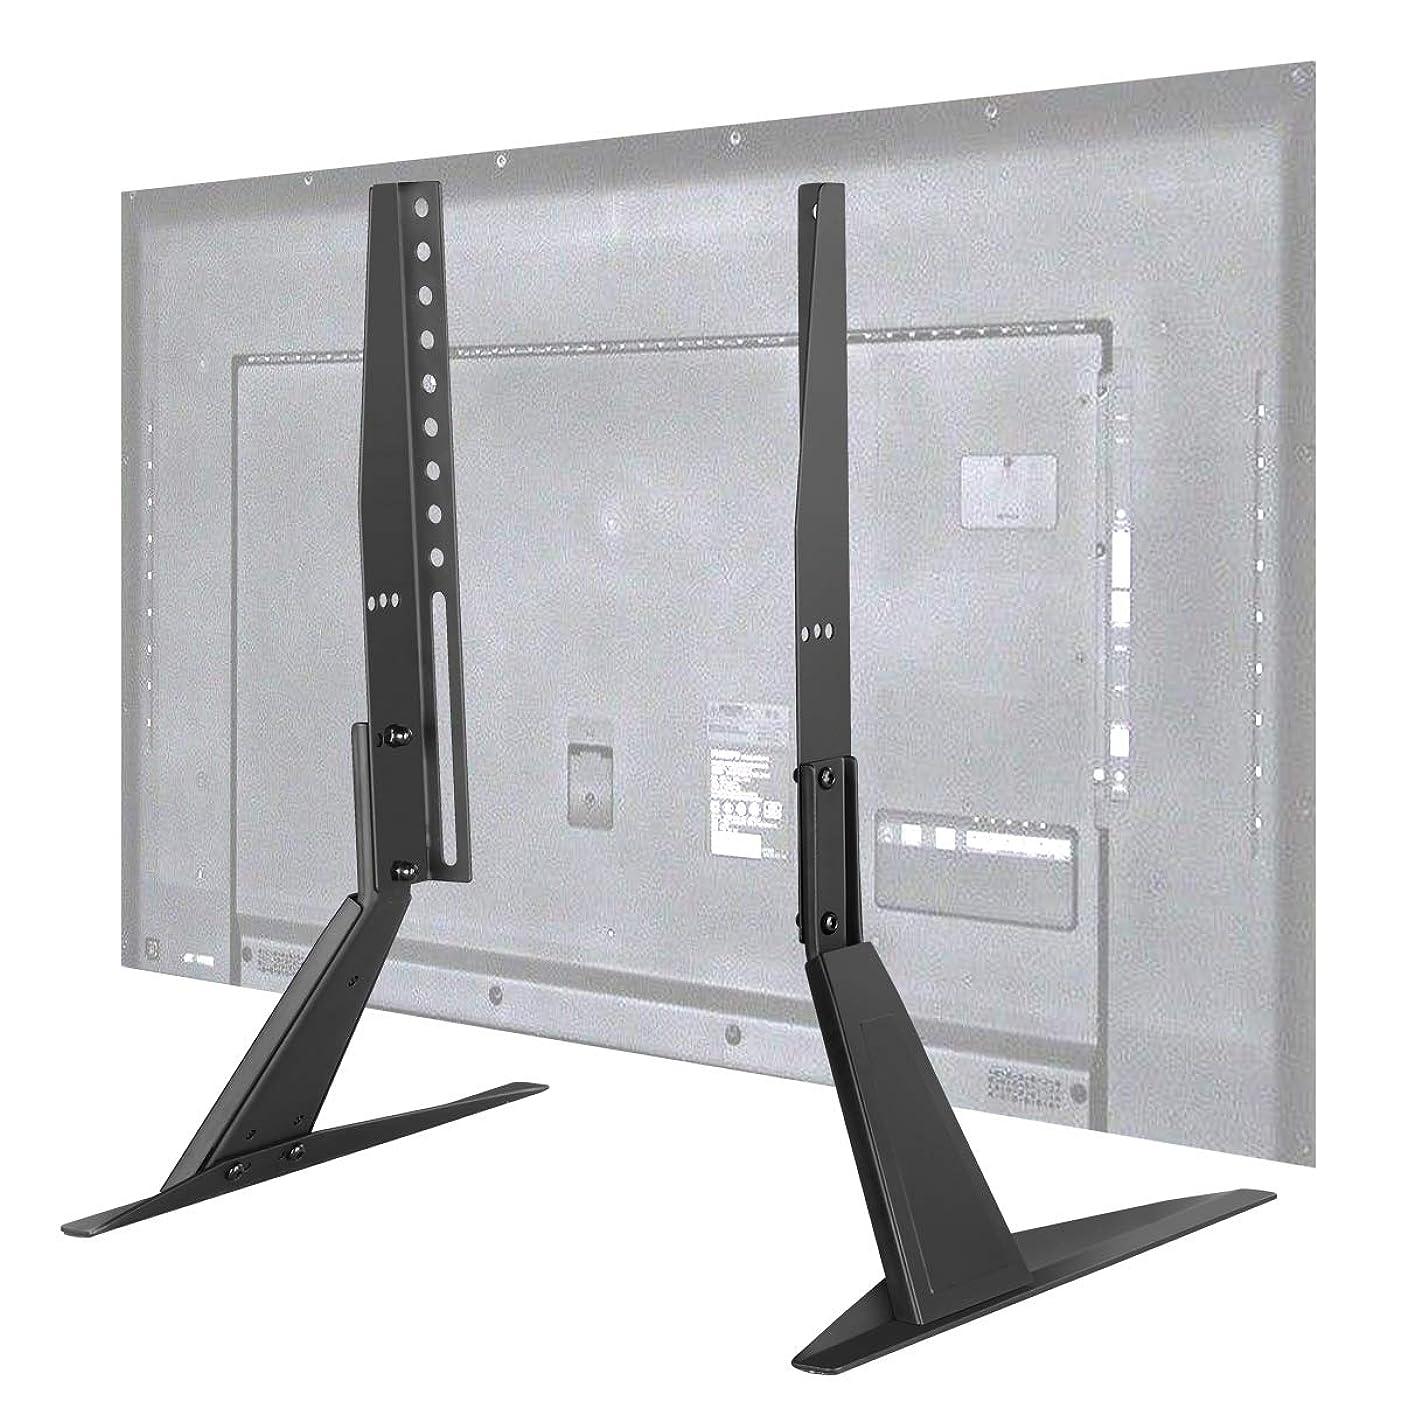 複数ファウル彫刻Suptek ユニバーサル 汎用 液晶テレビスタンド テレビ台座 テレビテーブルトップスタンド 23-42インチ対応 耐荷重40kg VESA規格200x400mm ML1732